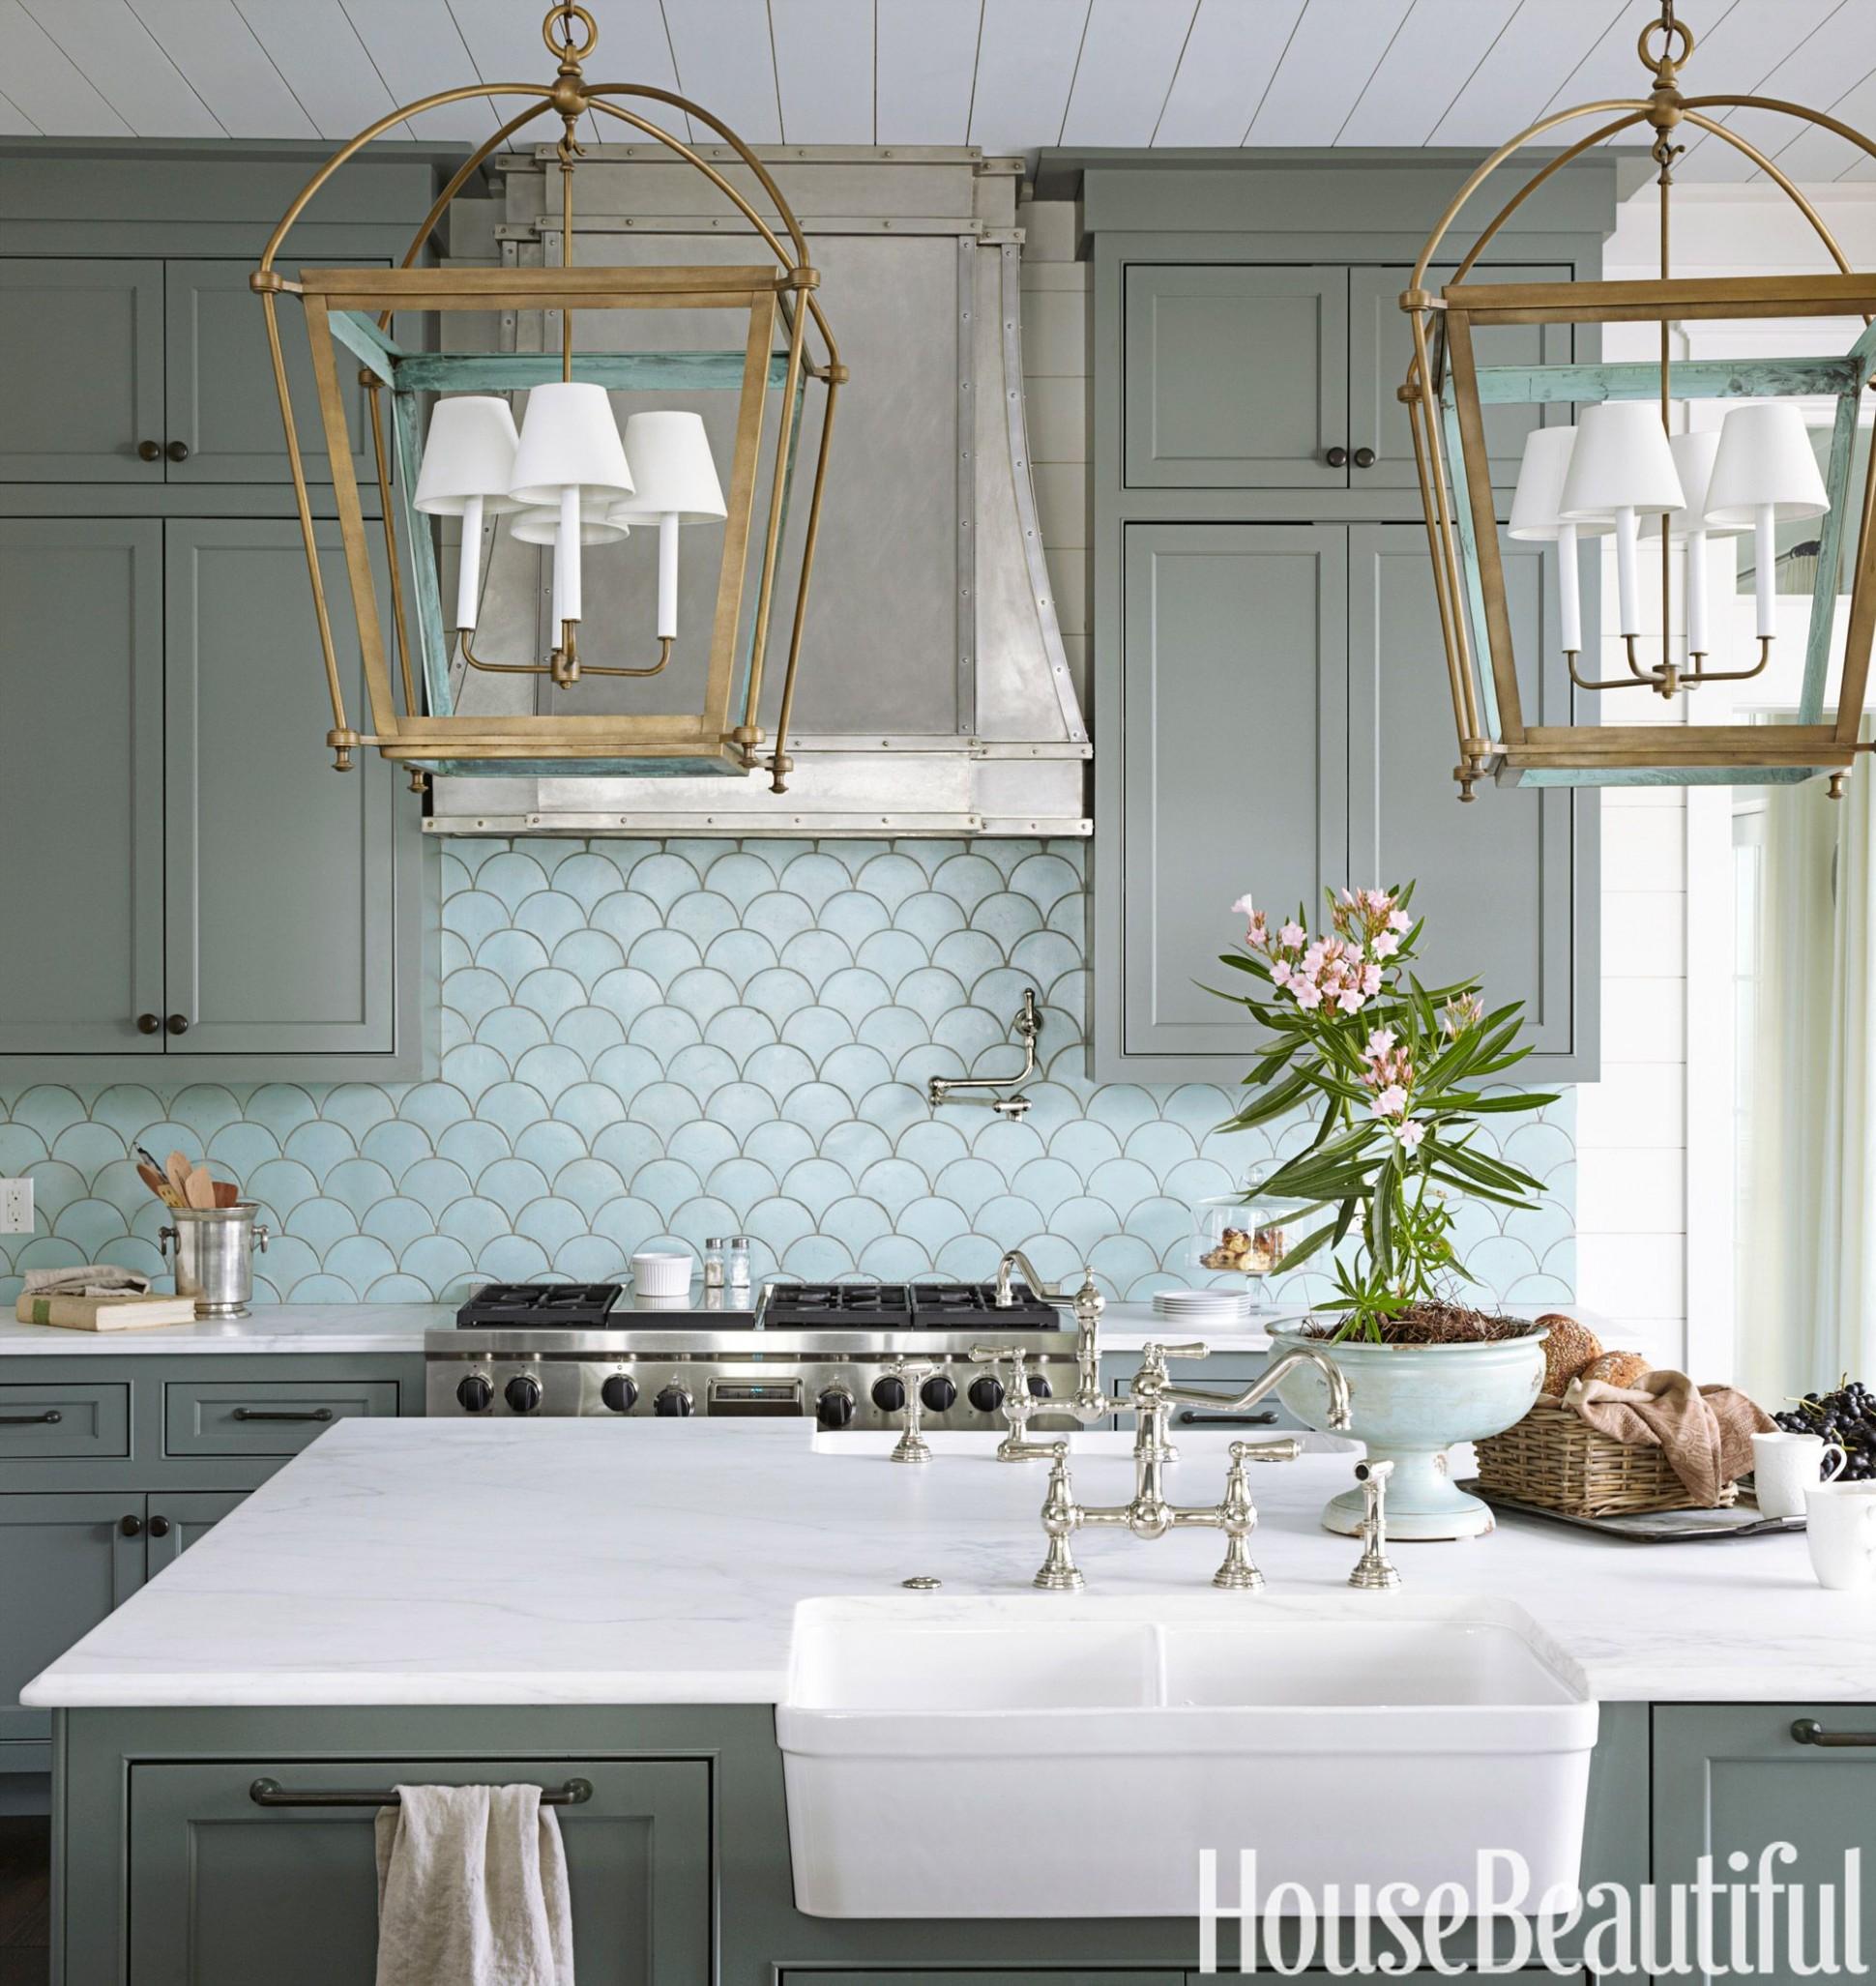 11 Blue Kitchen Design Ideas - Blue Kitchen Walls - Gray Kitchen Cabinets With Blue Backsplash